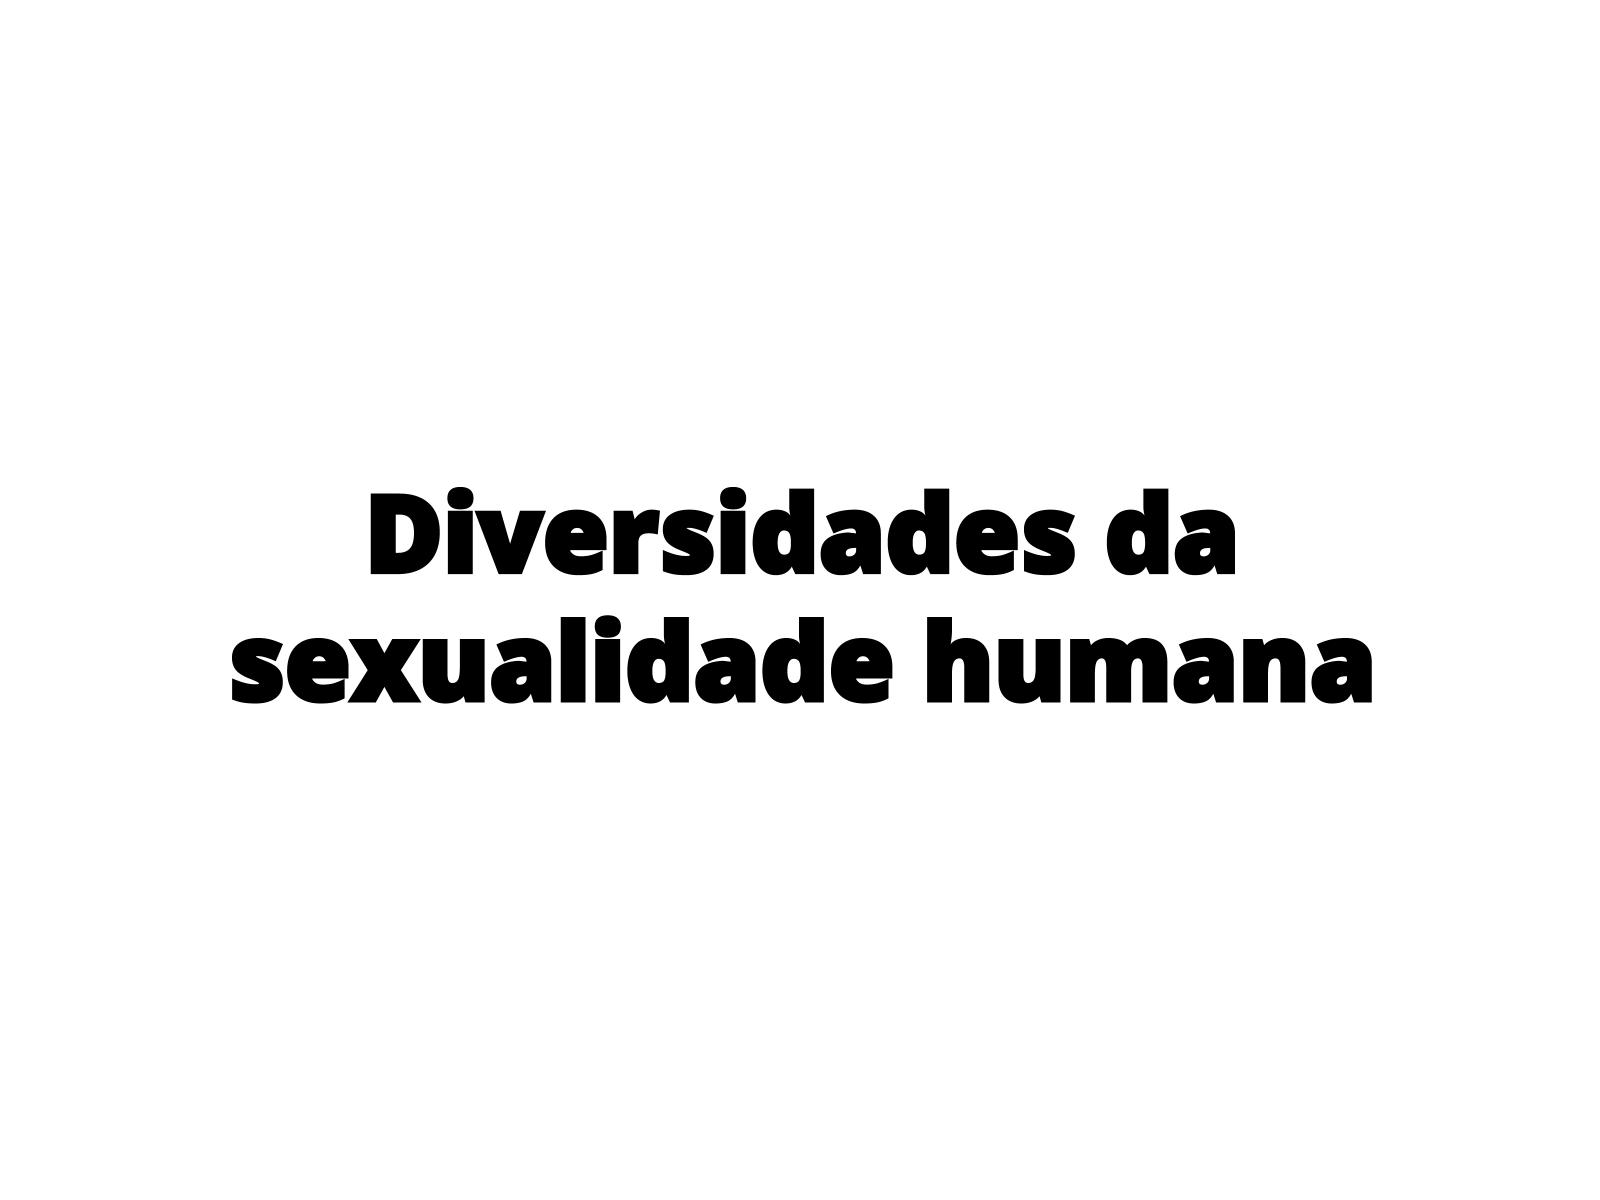 Diversidades da sexualidade humana